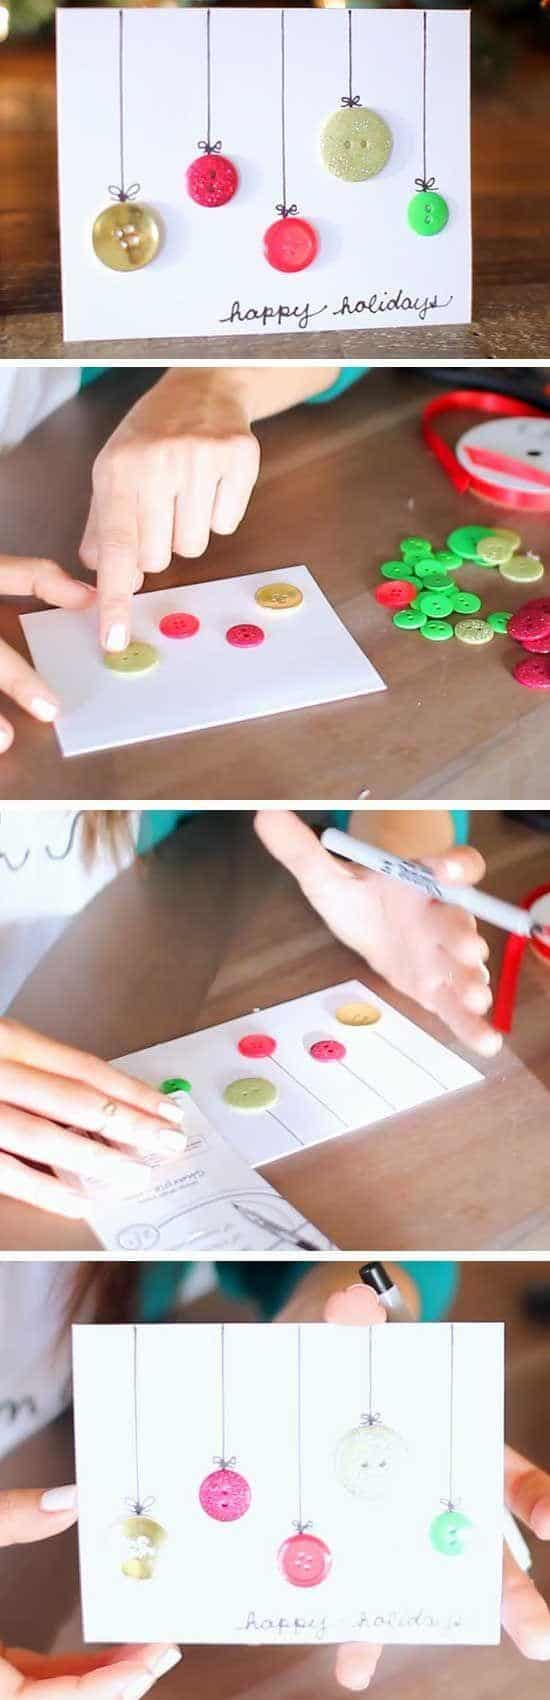 17 + 1 εύκολες χριστουγεννιάτικες κατασκευές για να φτιάξετε με τα παιδιά